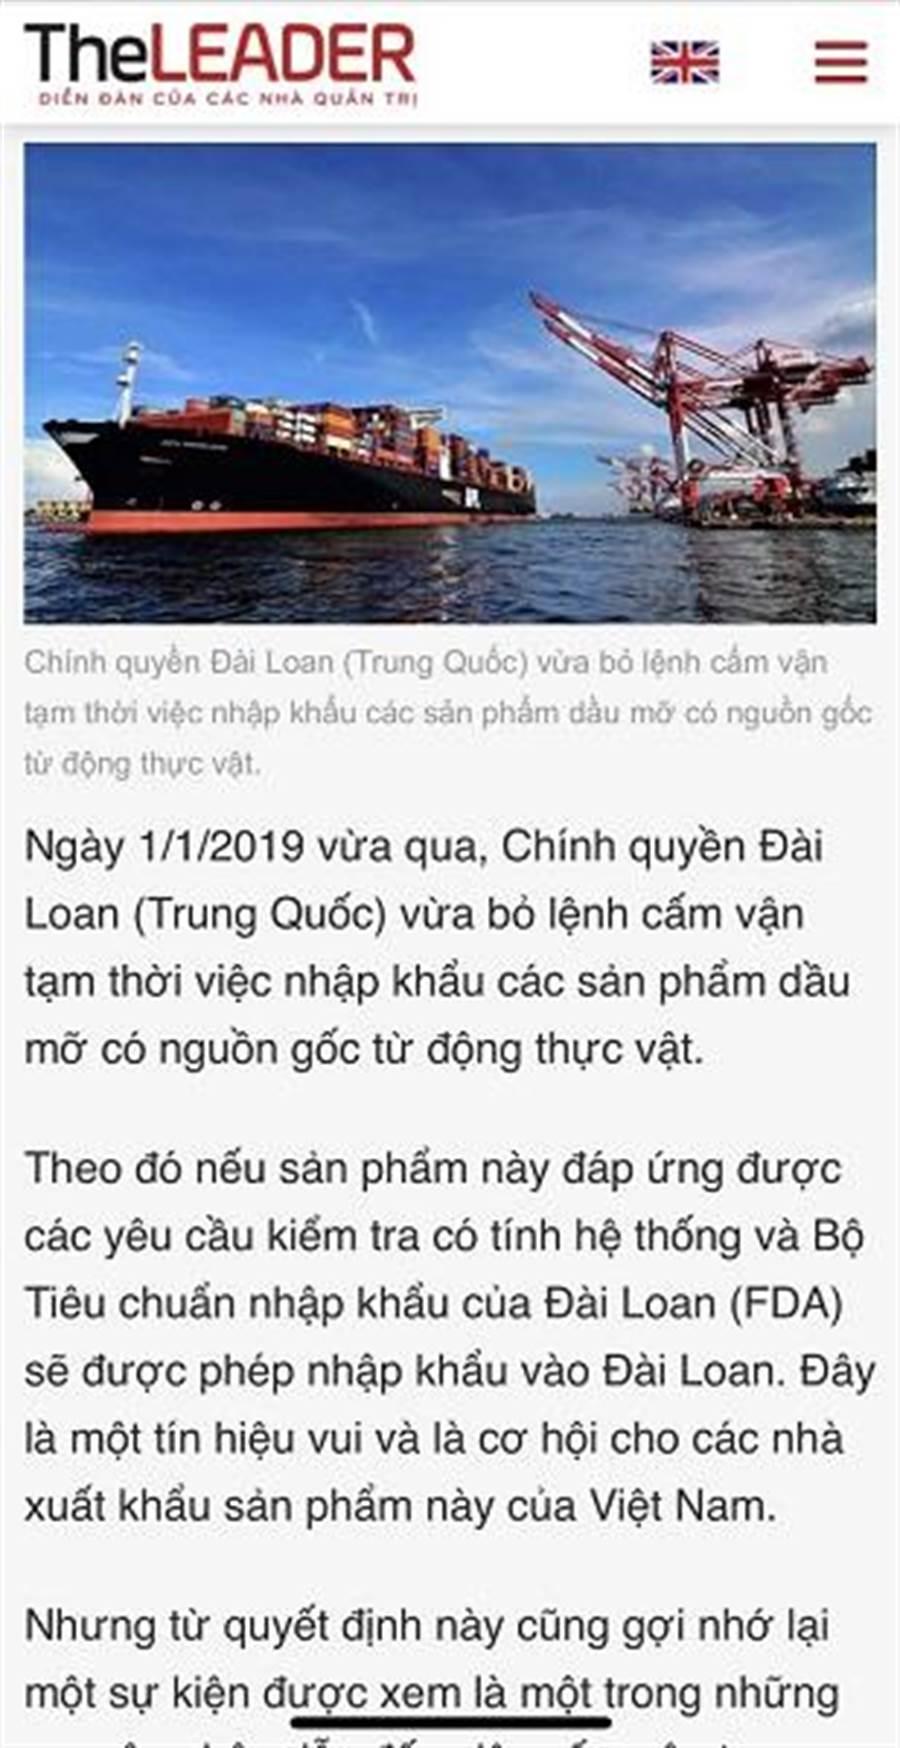 越南媒體《The LEADER》今天一則網路新聞,特別報導頂新油品案,說明越南大幸福公司油品只要符合進口國規範可供出口,打臉頂新油品二審判決。(翻攝自網路)